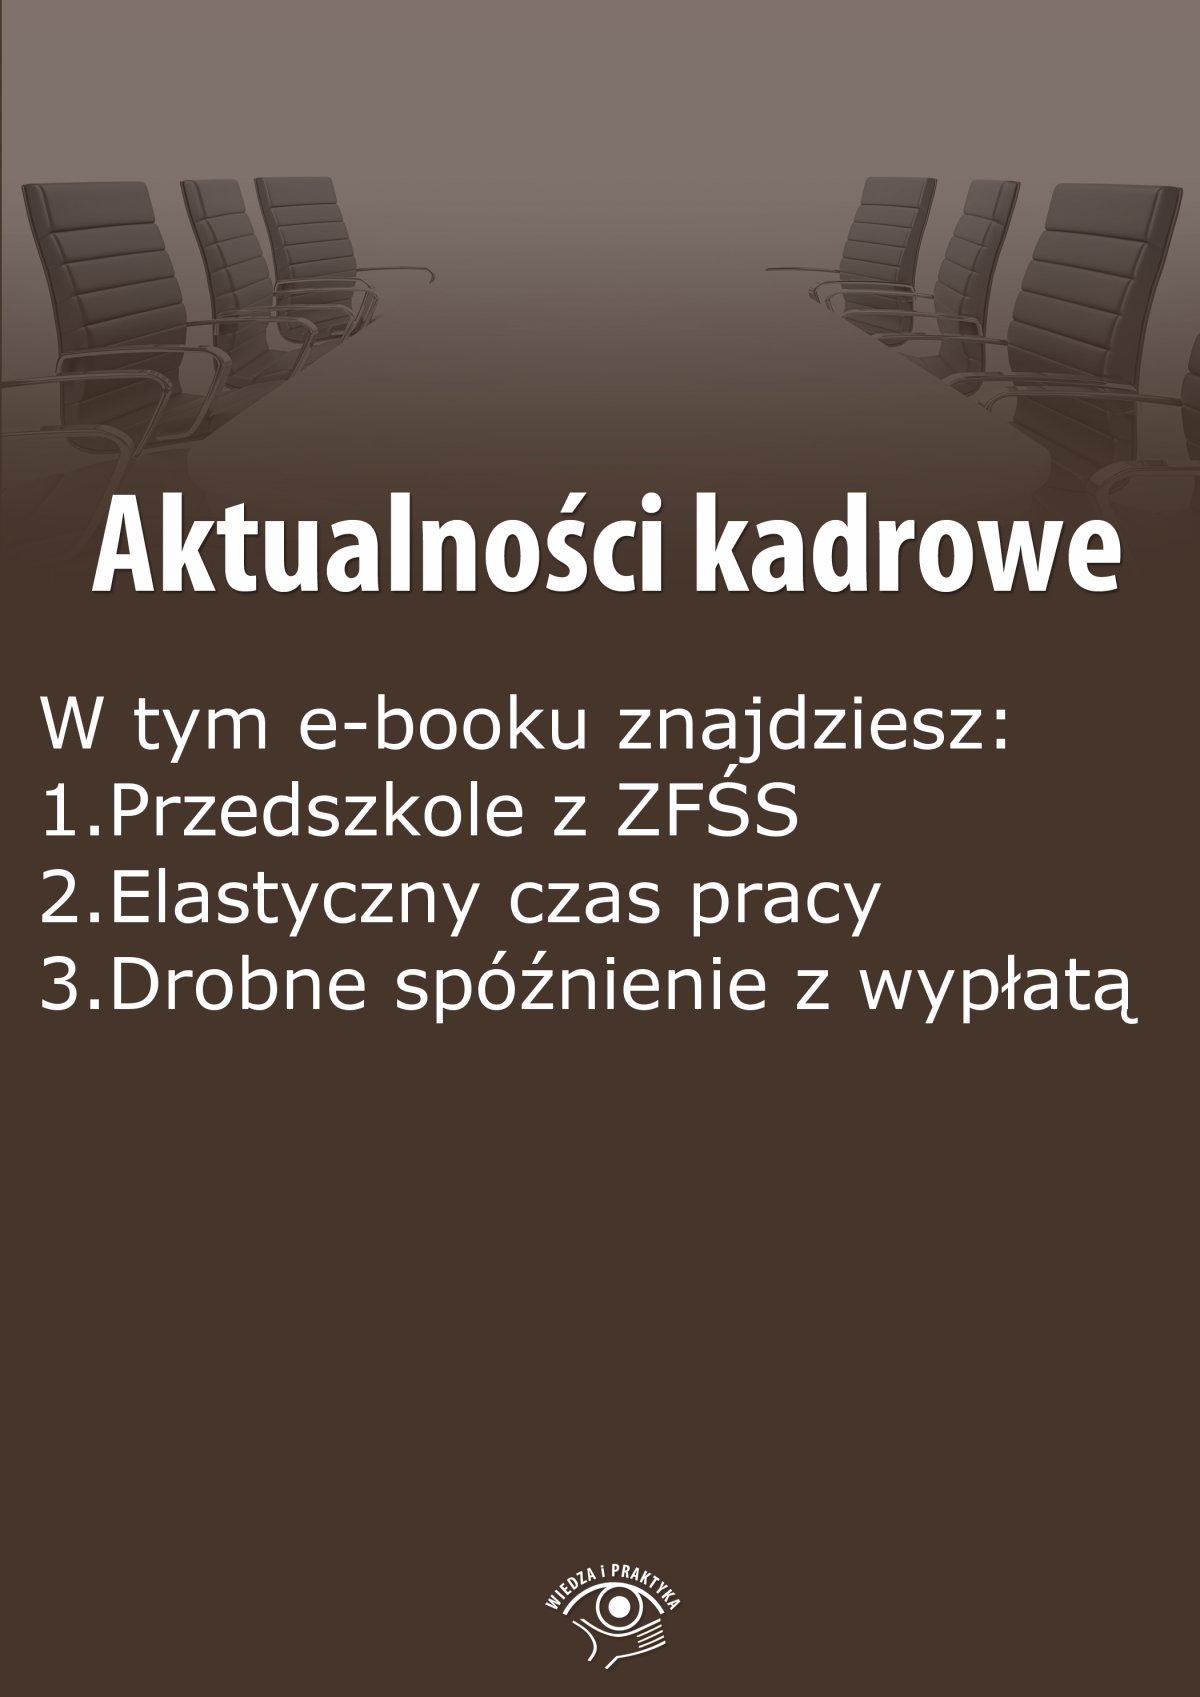 Aktualności kadrowe, wydanie wrzesień 2015 r. - Ebook (Książka EPUB) do pobrania w formacie EPUB